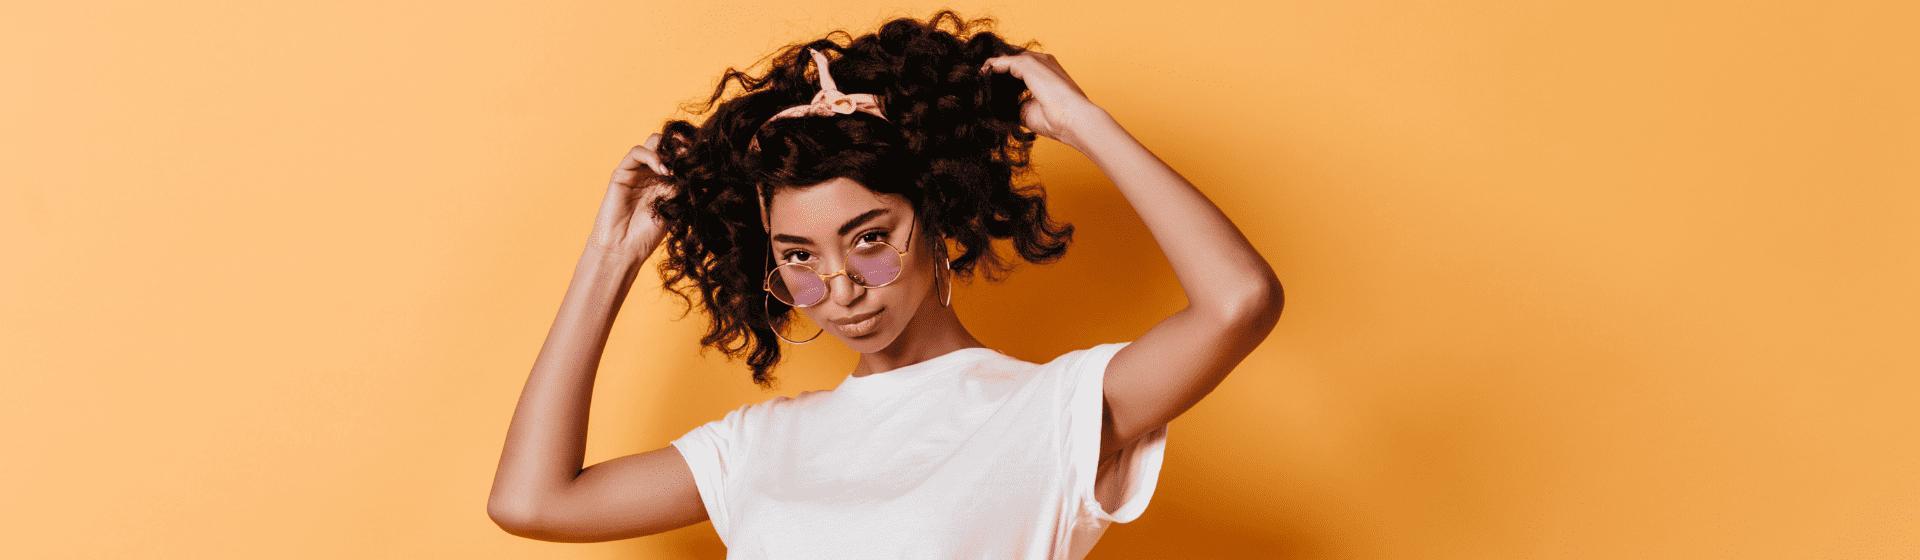 Como cachear o cabelo? Técnicas e dicas para modelar os fios